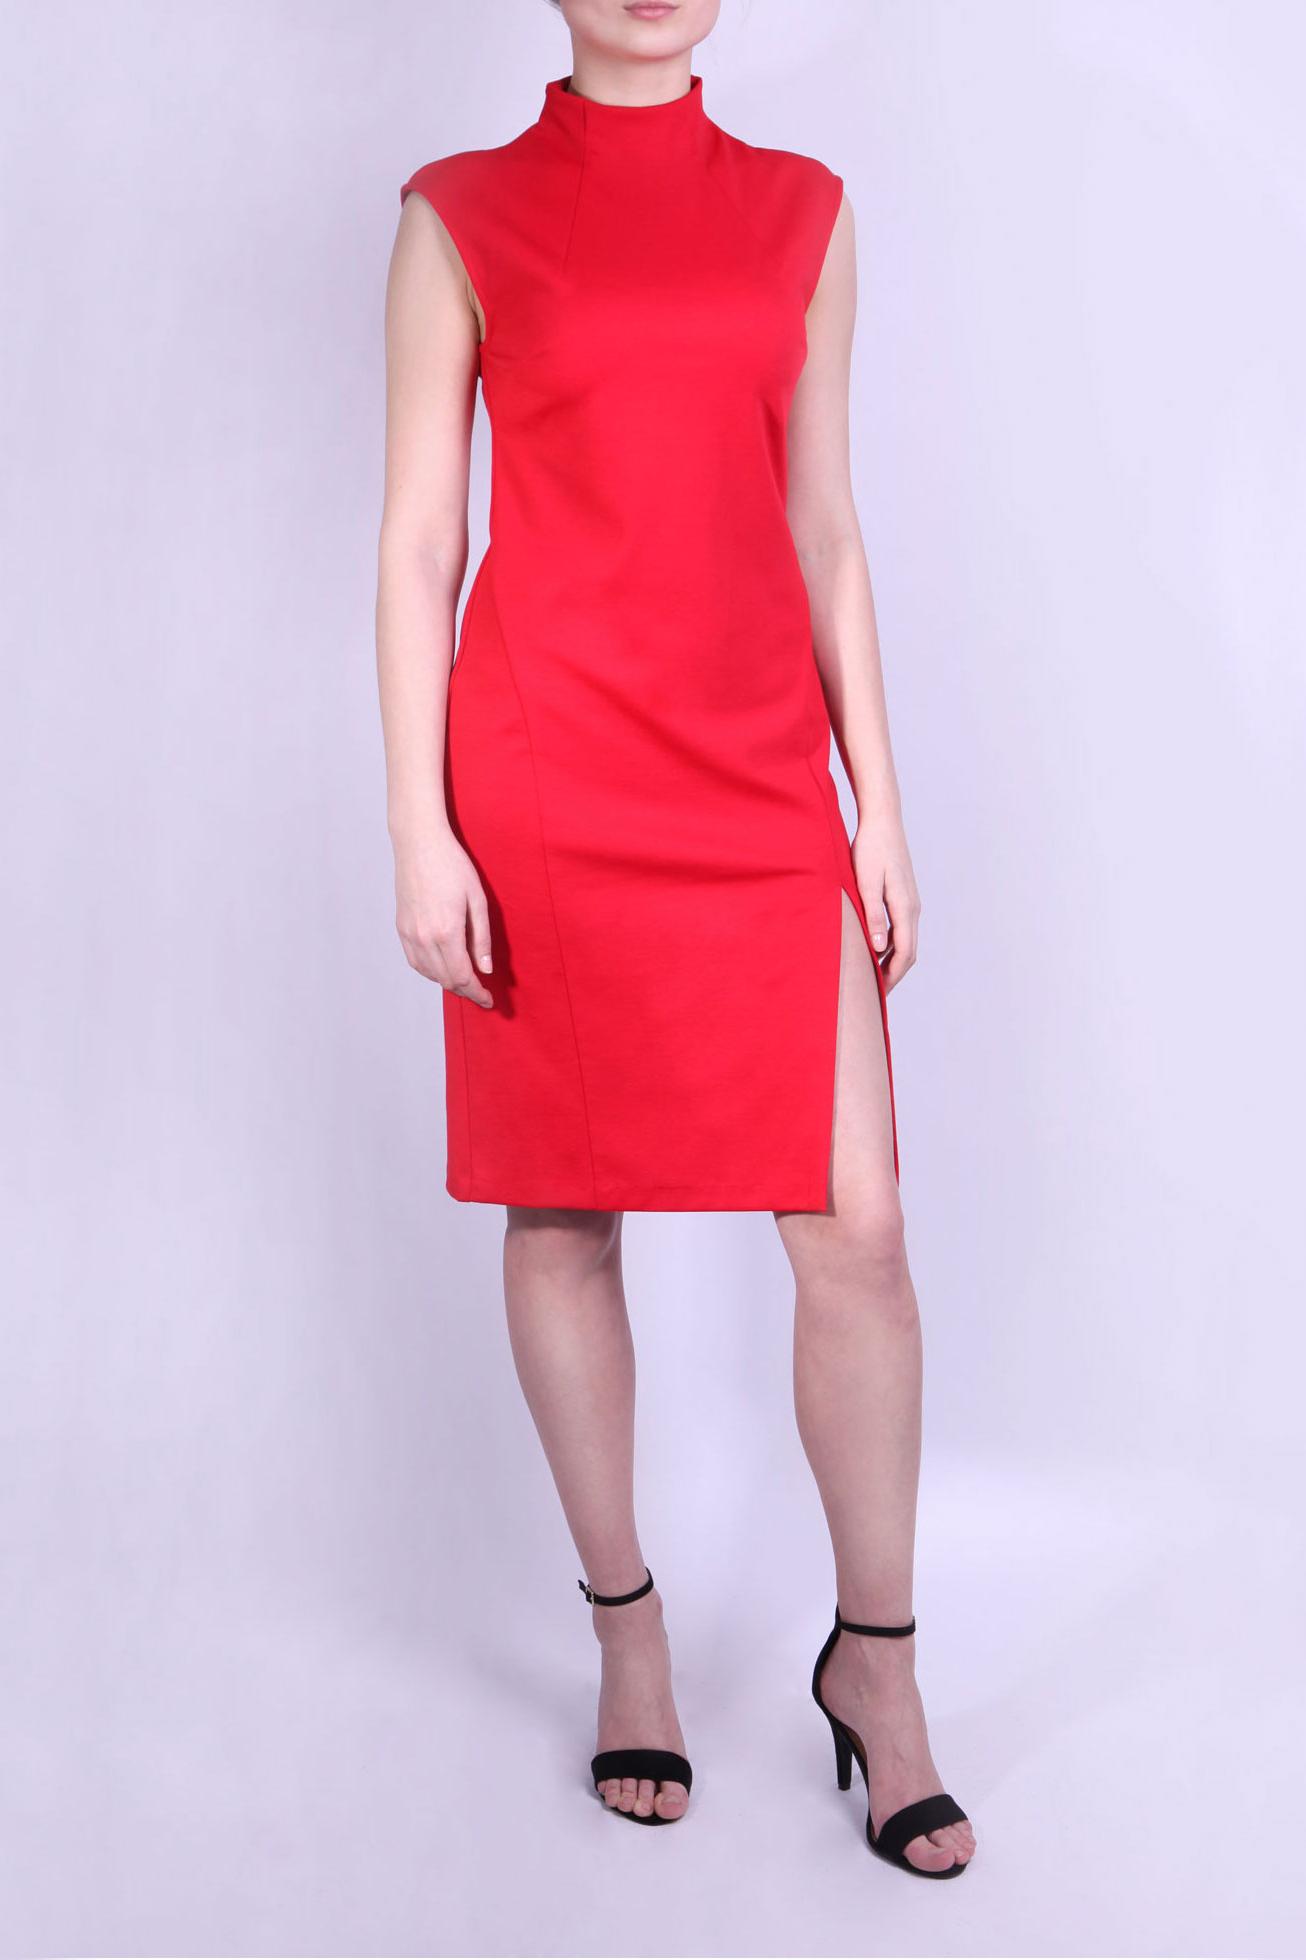 ПлатьеПлатья<br>Красивое платье красного цвета. Этот оттенок красного называется «Скарлет». Платье без рукавов с высокой горловиной с тремя пуговицами на спине и разрезом внизу. Преимуществом платья с разрезом является его способность превращать обычную женщину в уверенную в себе леди, харизматичную и чувственную особу, притягивающую к себе взгляды окружающих.  Параметры размеров: Обхват груди размер 42 - 84 см, размер 44 - 88 см, размер 46 - 92 см, размер 48 - 96 см, размер 50 - 100 см, размер 52 - 104 см Обхват талии размер 42 - 64 см, размер 44 - 68 см, размер 46 - 72 см, размер 48 - 76 см, размер 50 - 80 см, размер 52 - 84 см Обхват бедер размер 42 - 92 см, размер 44 - 96 см, размер 46 - 100 см, размер 48 - 104 см, размер 50 - 108 см, размер 52 - 112 см  Цвет: красный  Ростовка изделия 170 см.<br><br>Воротник: Стойка<br>По длине: До колена<br>По материалу: Вискоза,Трикотаж<br>По рисунку: Однотонные<br>По силуэту: Приталенные<br>По стилю: Нарядный стиль,Повседневный стиль<br>По форме: Платье - футляр<br>По элементам: С разрезом<br>Разрез: Короткий<br>Рукав: Без рукавов<br>По сезону: Осень,Весна<br>Размер : 42,44<br>Материал: Джерси<br>Количество в наличии: 2